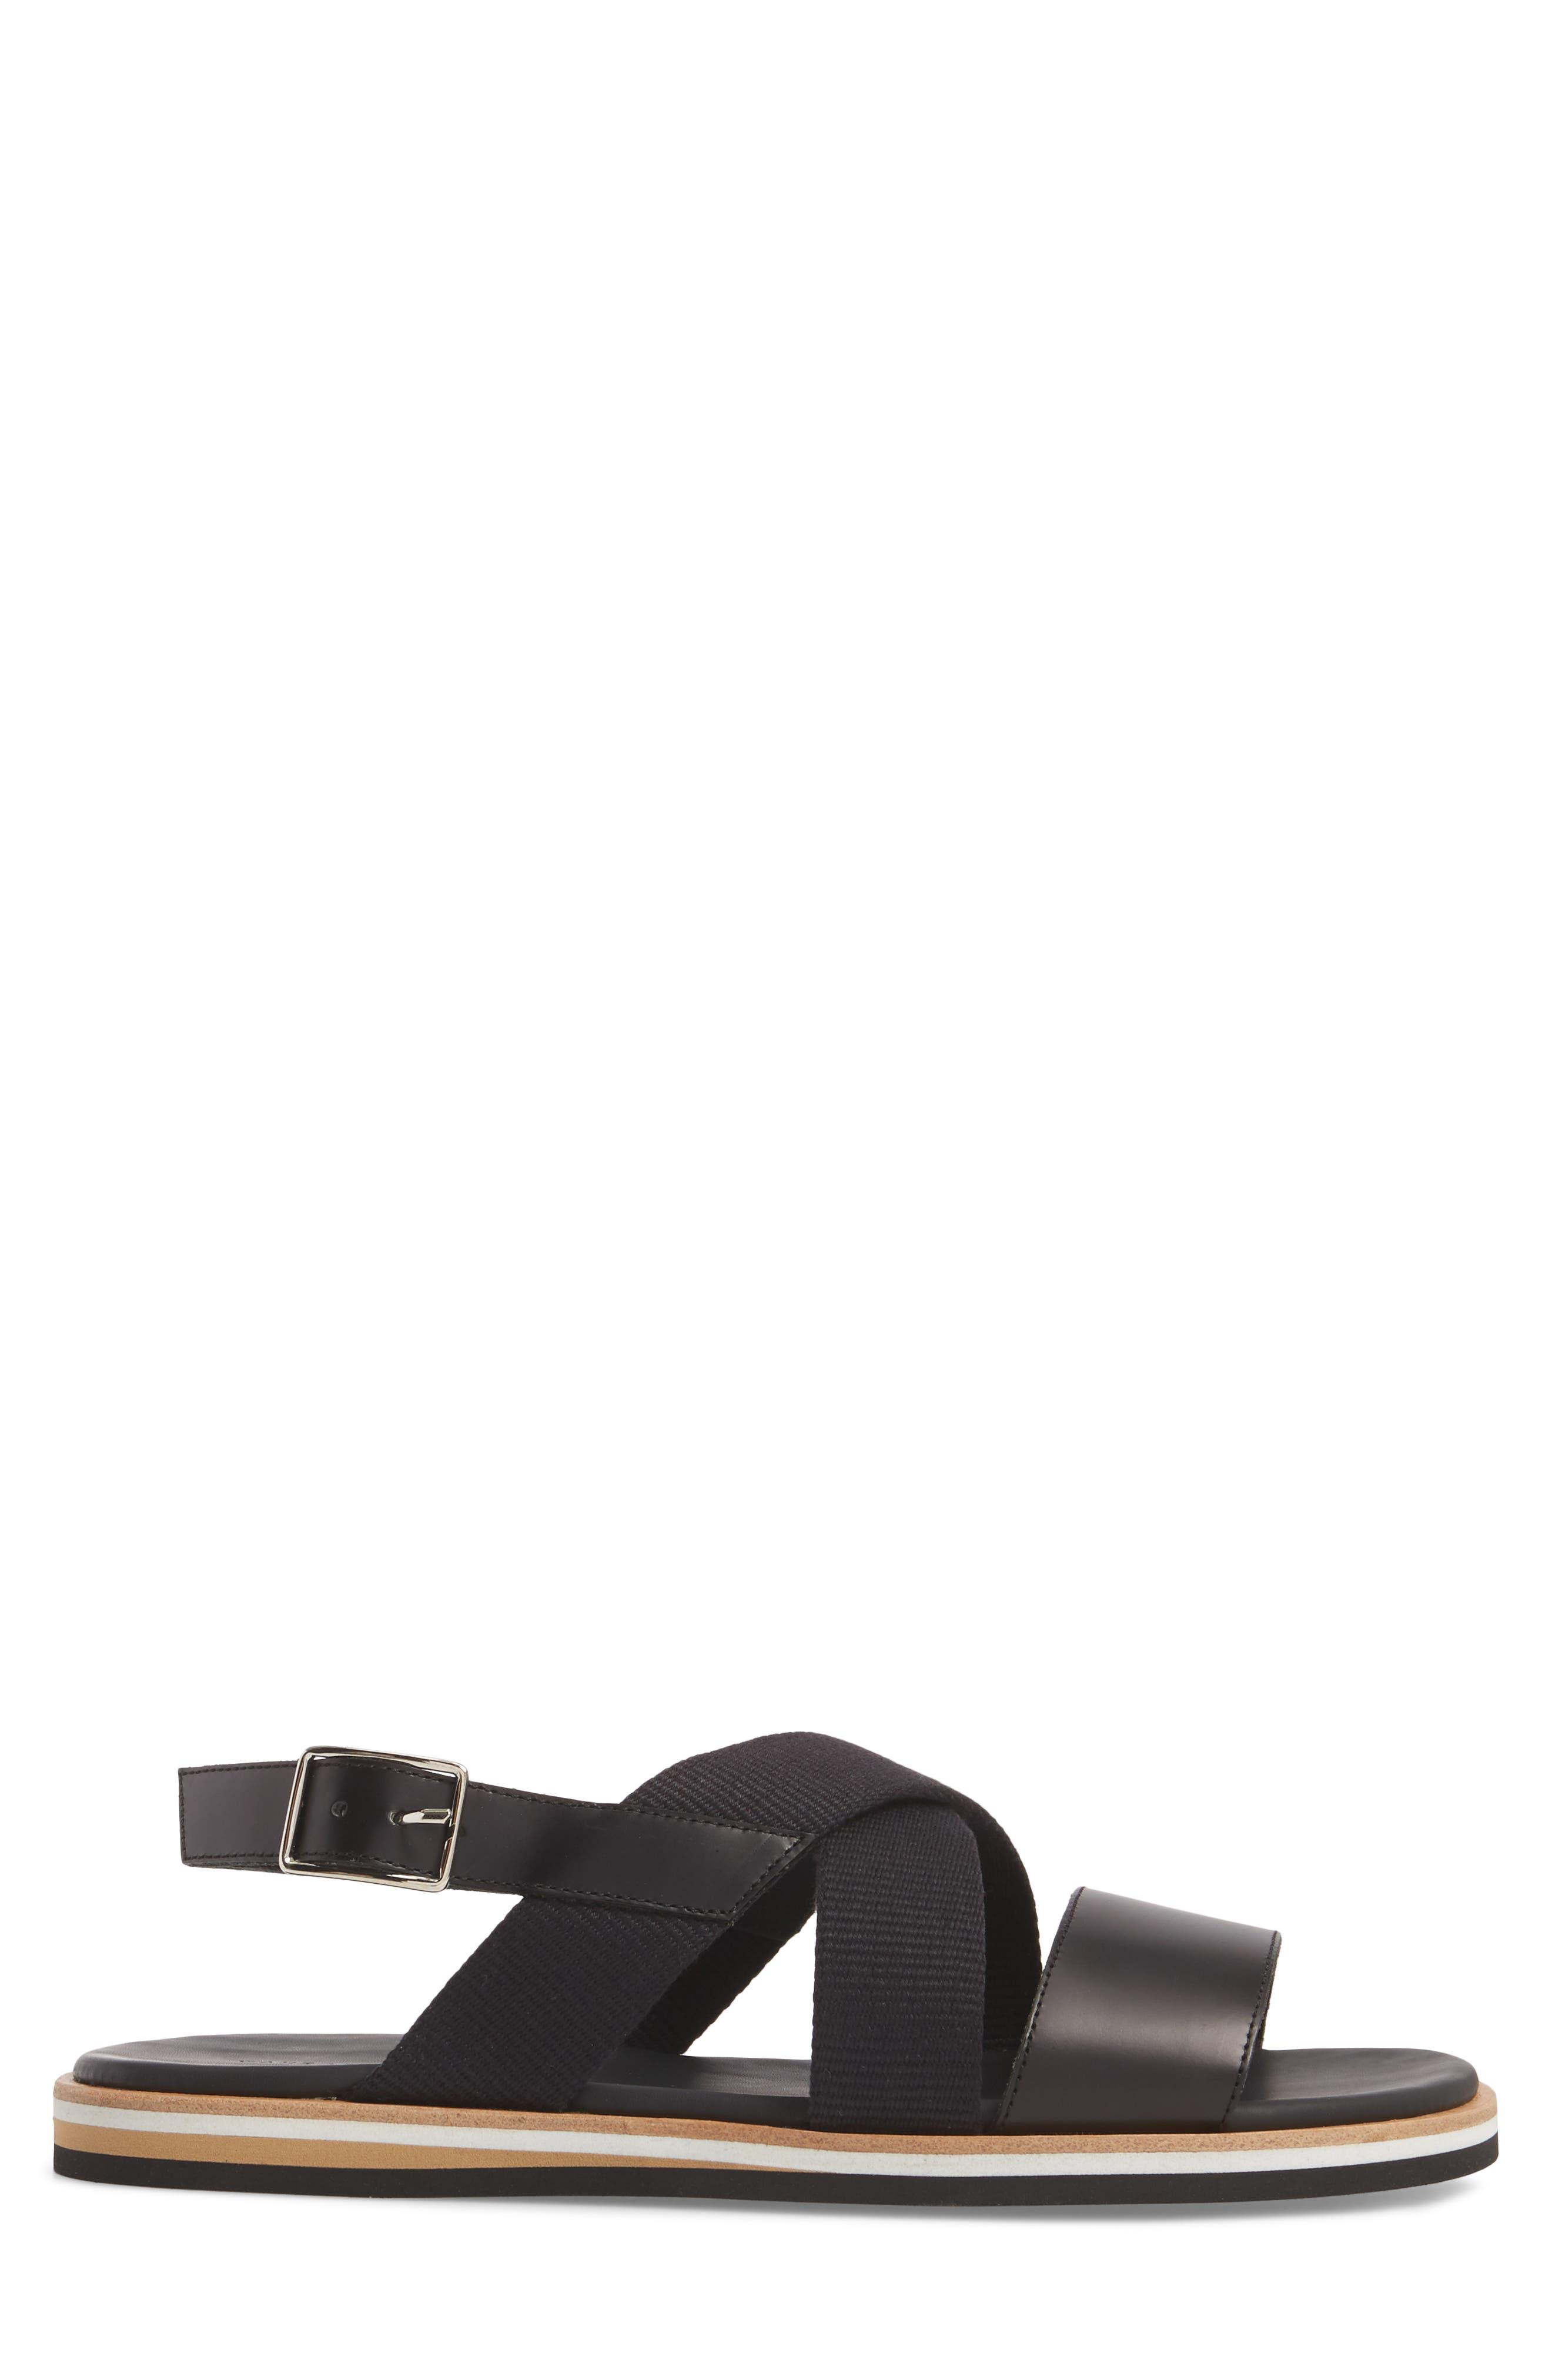 Jobim Sandal,                             Alternate thumbnail 3, color,                             Black Cord/ Black